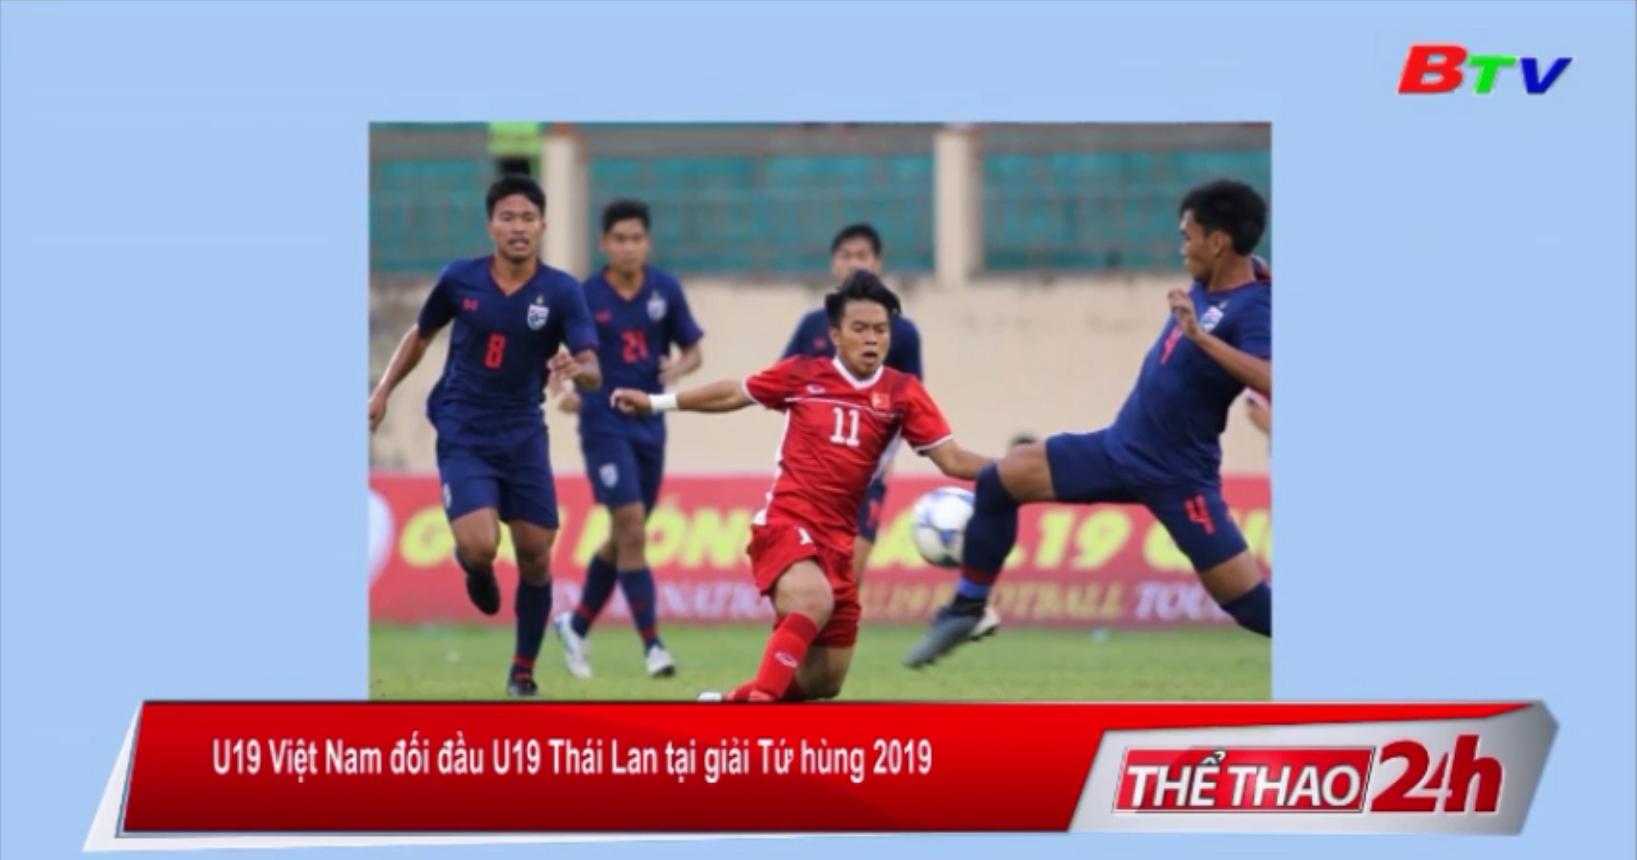 U19 Việt Nam đối đầu U19 Thái Lan tại giải Tứ hùng 2019